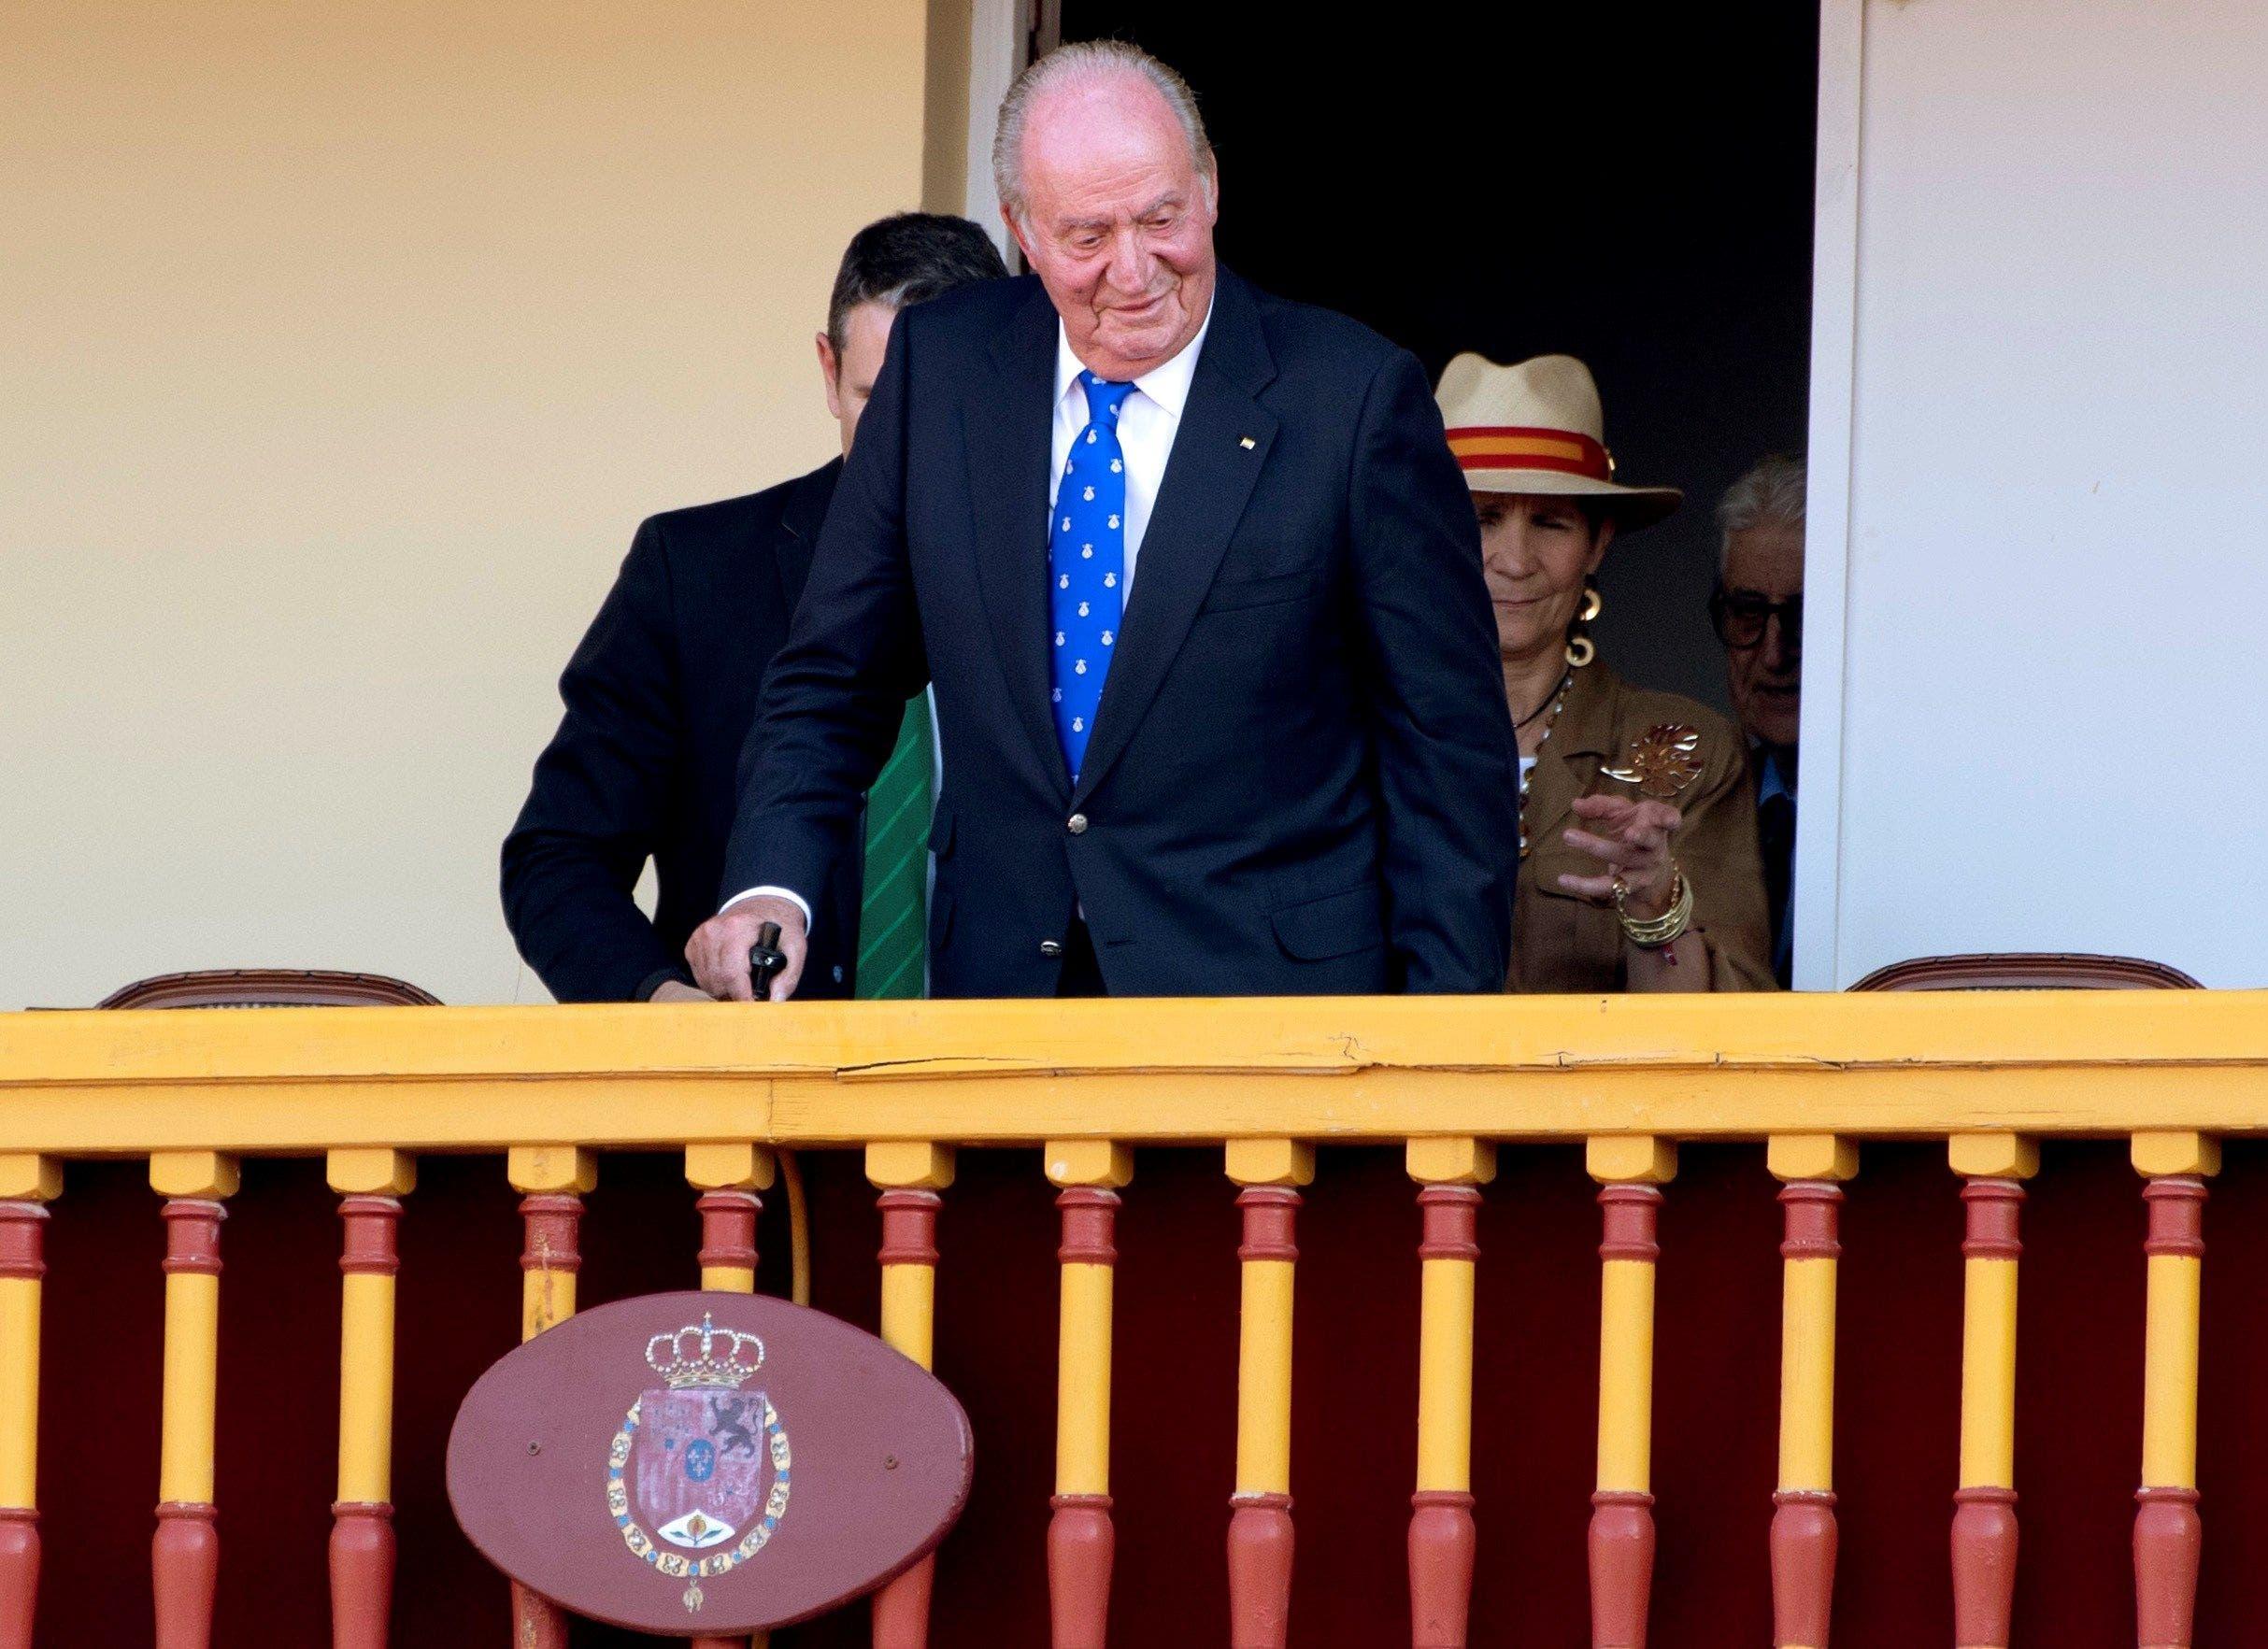 El Rey Juan Carlos I en un acto en Aranjuez (Madrid) en junio de 2019 | EFE/IH/Archivo